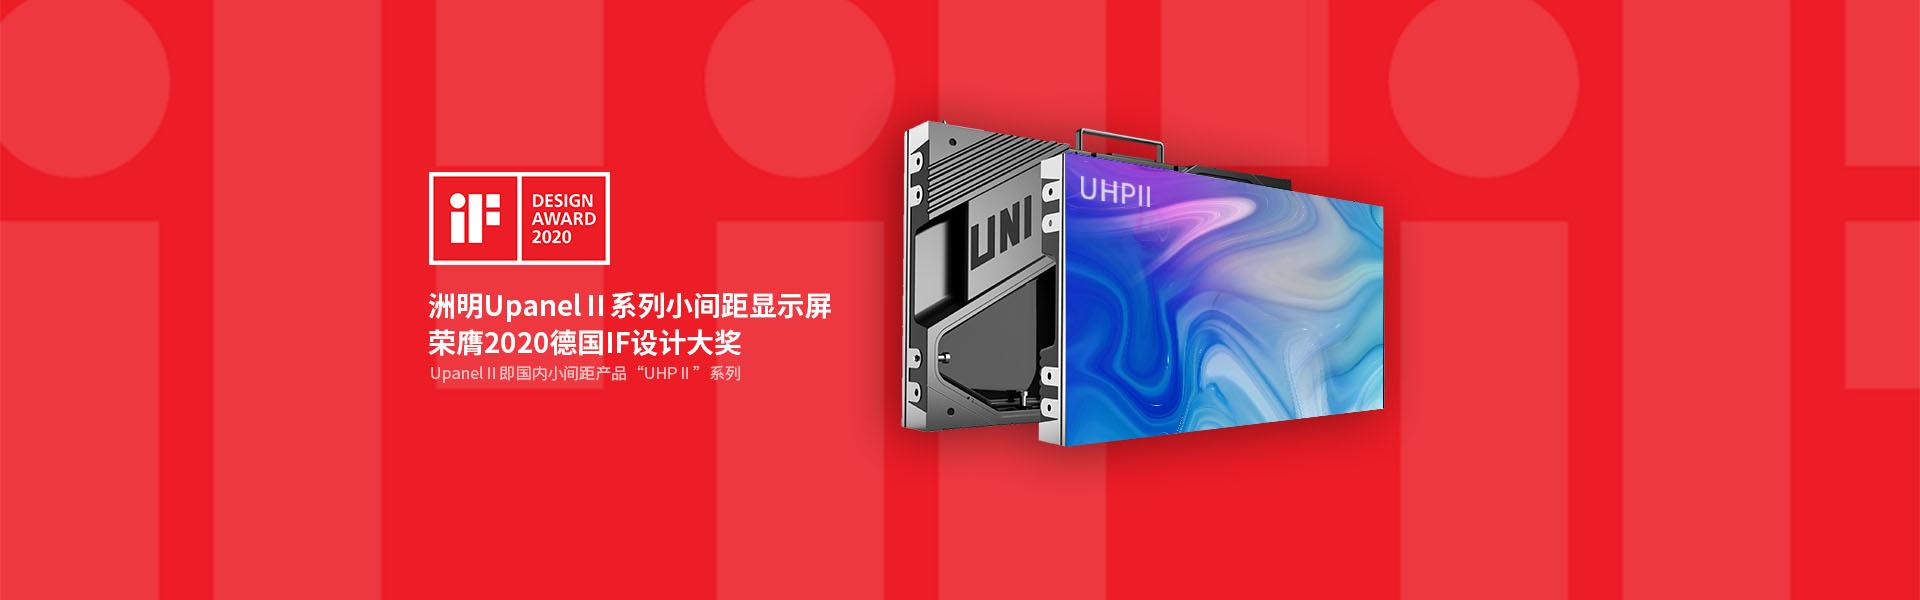 深圳市洲明科技股份有限公司|LED显示屏-网站